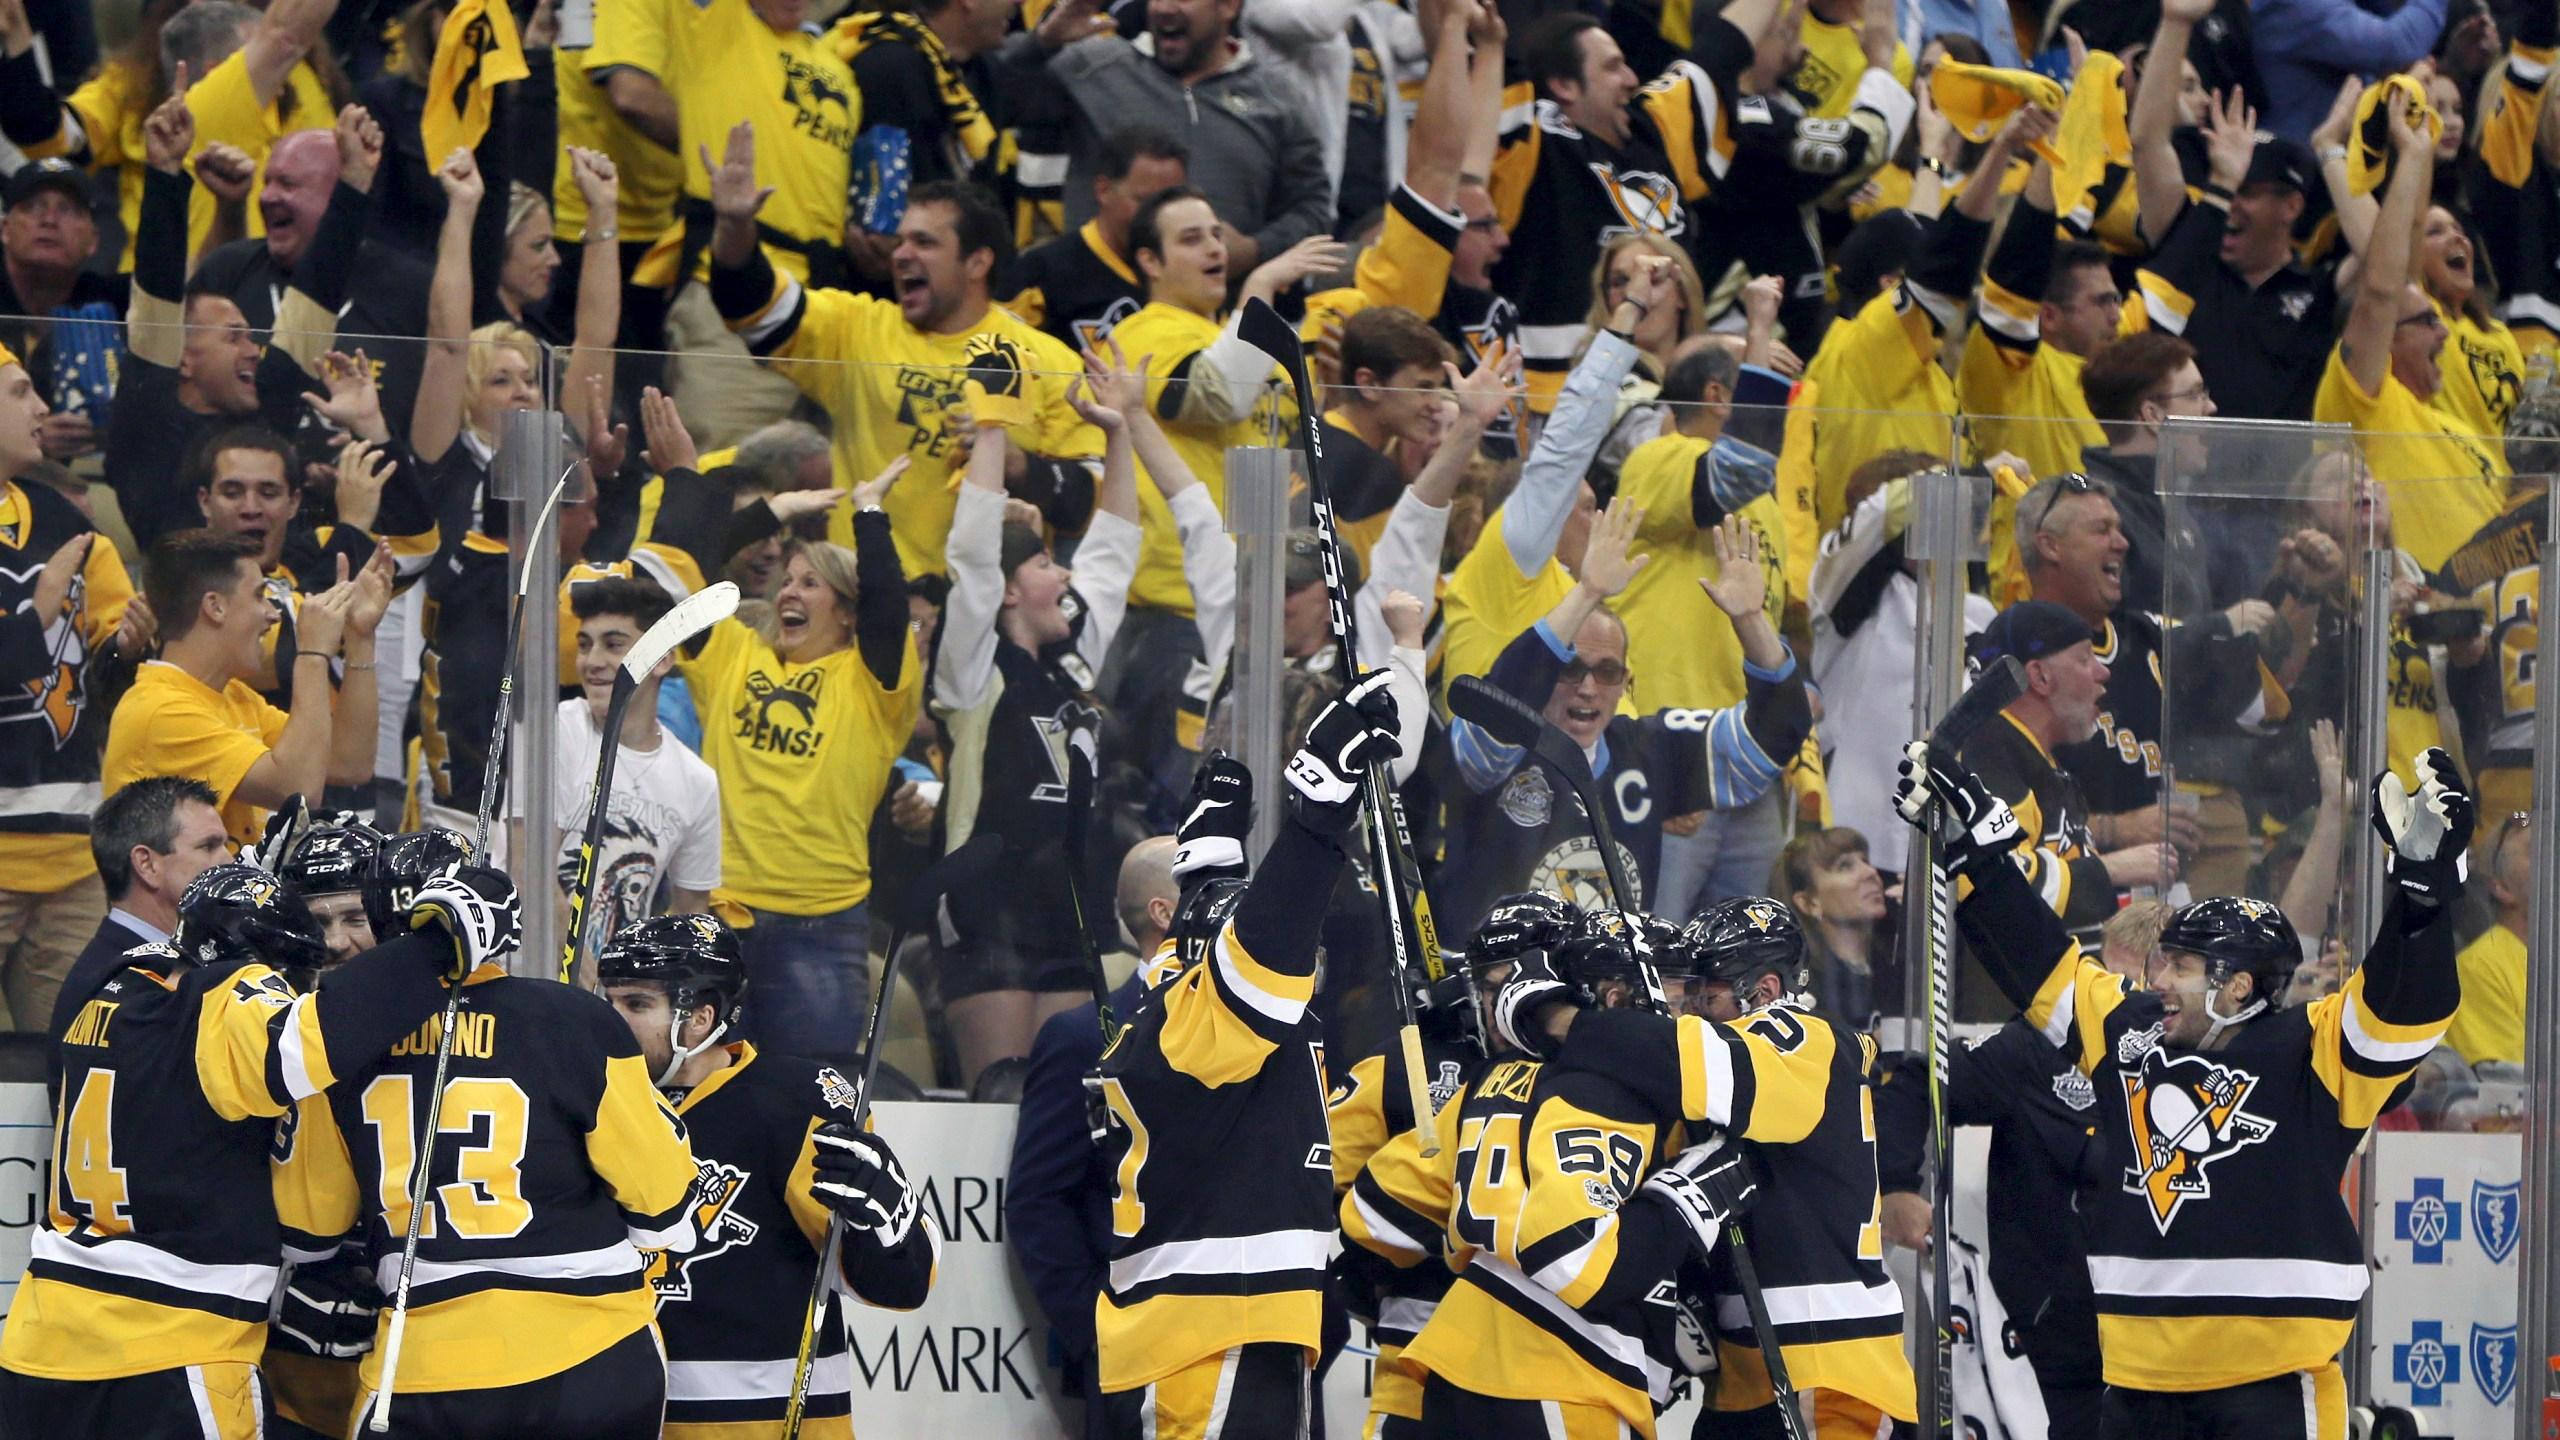 Stanley Cup Predators Penguins Hockey_291562